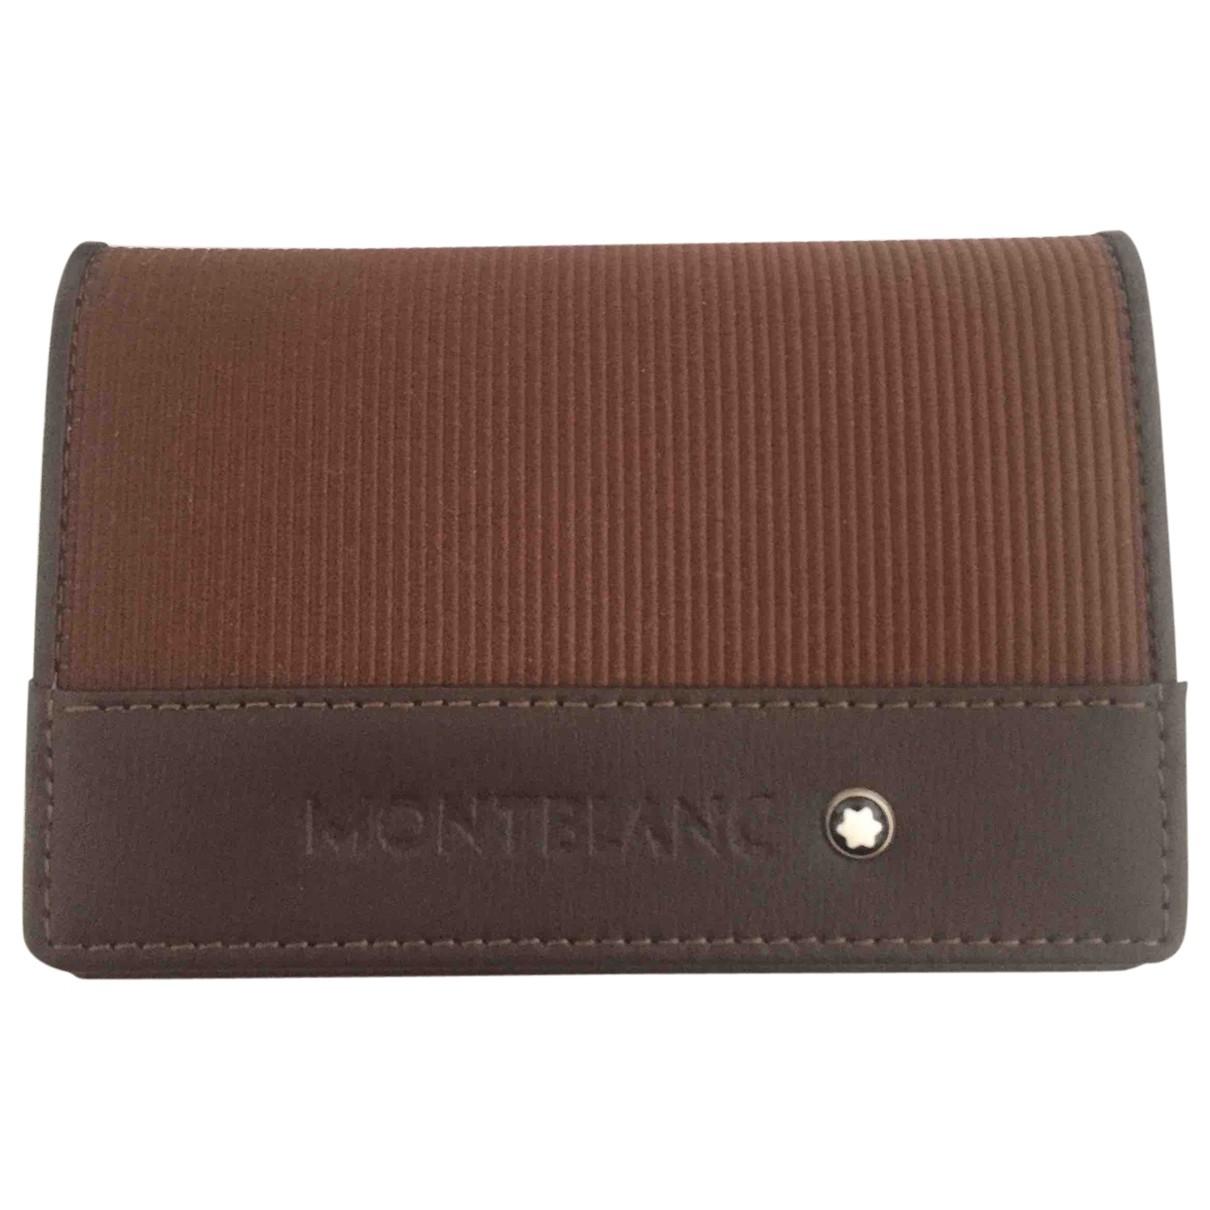 Montblanc - Petite maroquinerie   pour homme en cuir - marron